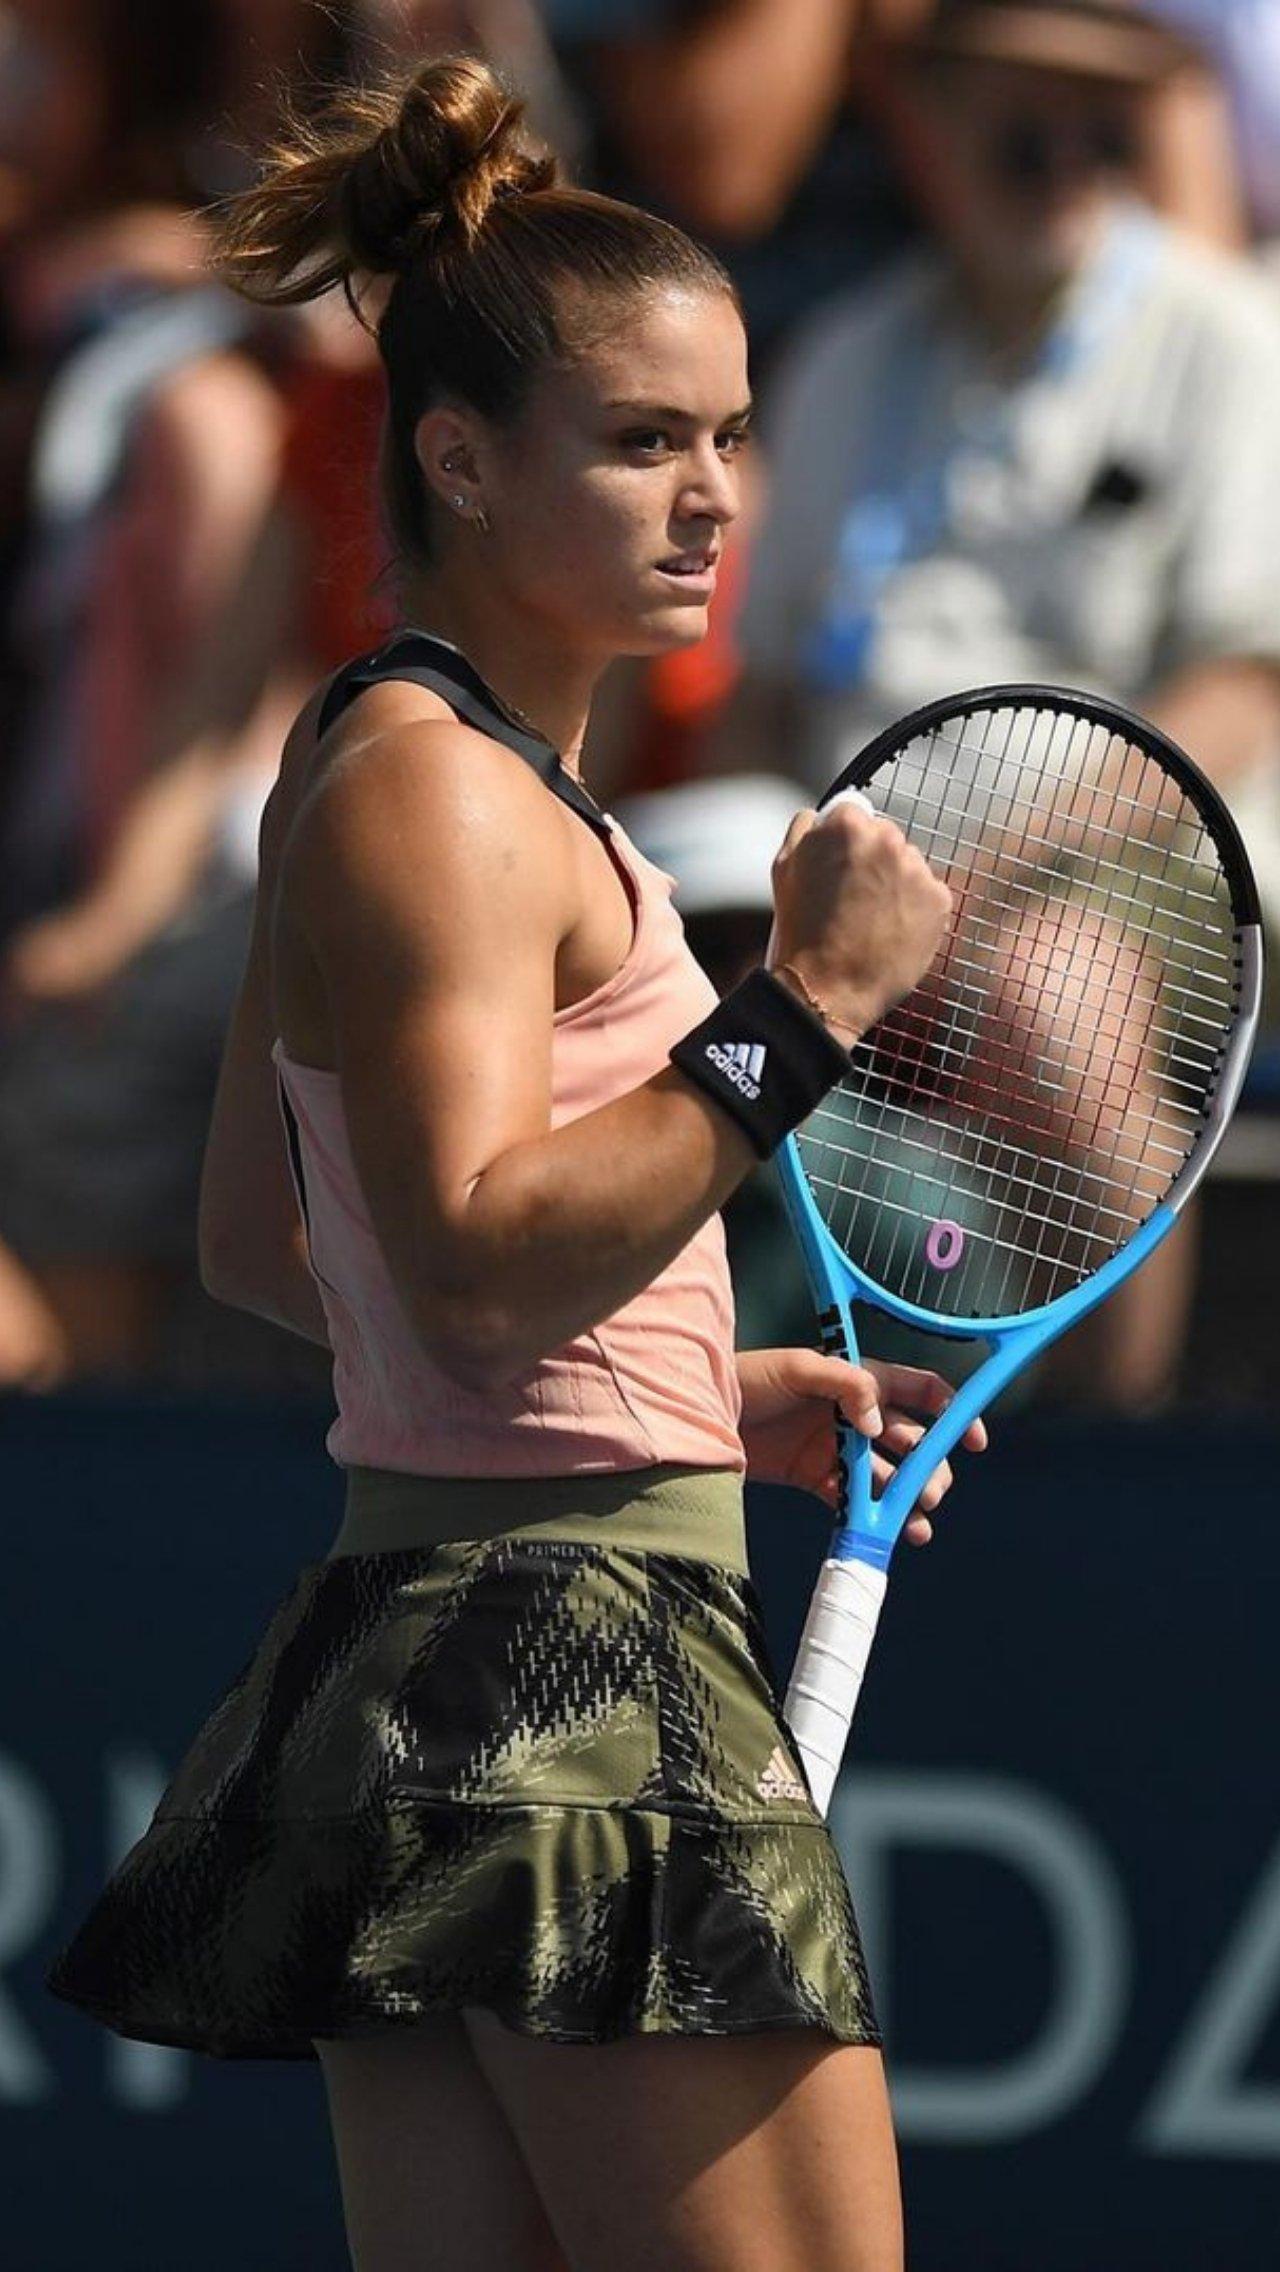 Мария Саккари: четвертьфиналистка US Open и её стильные образы